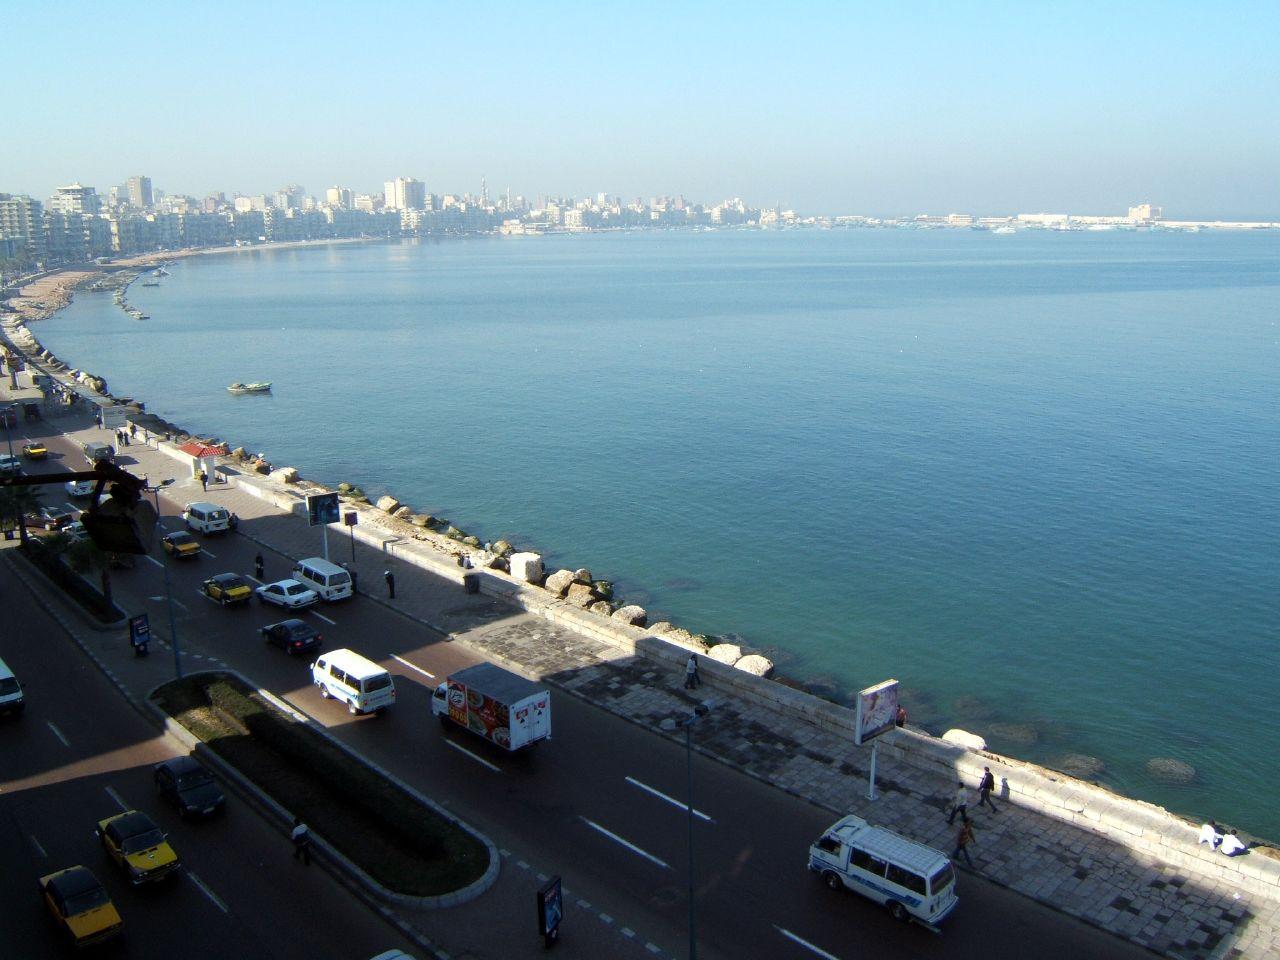 صوره الاسكندرية عروس البحر الابيض المتوسط , افضل صور للعاصمة الثانية لمصر